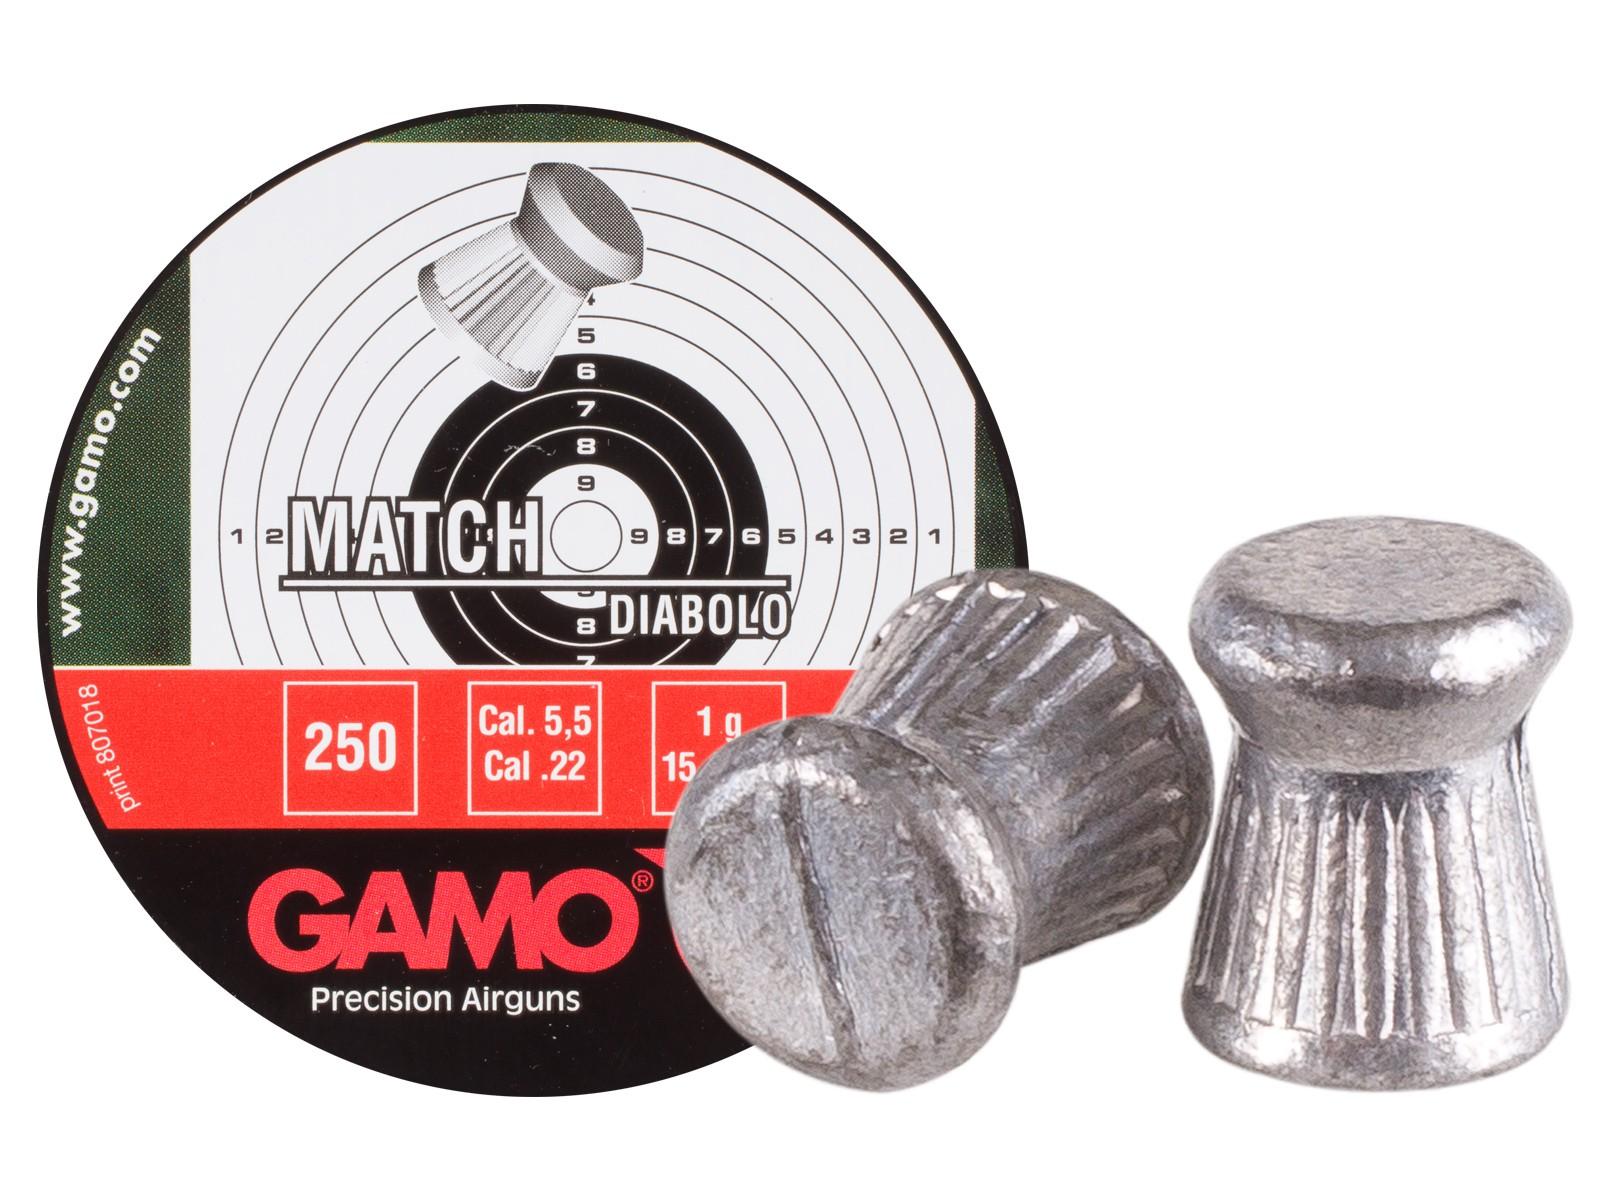 Gamo Match .22